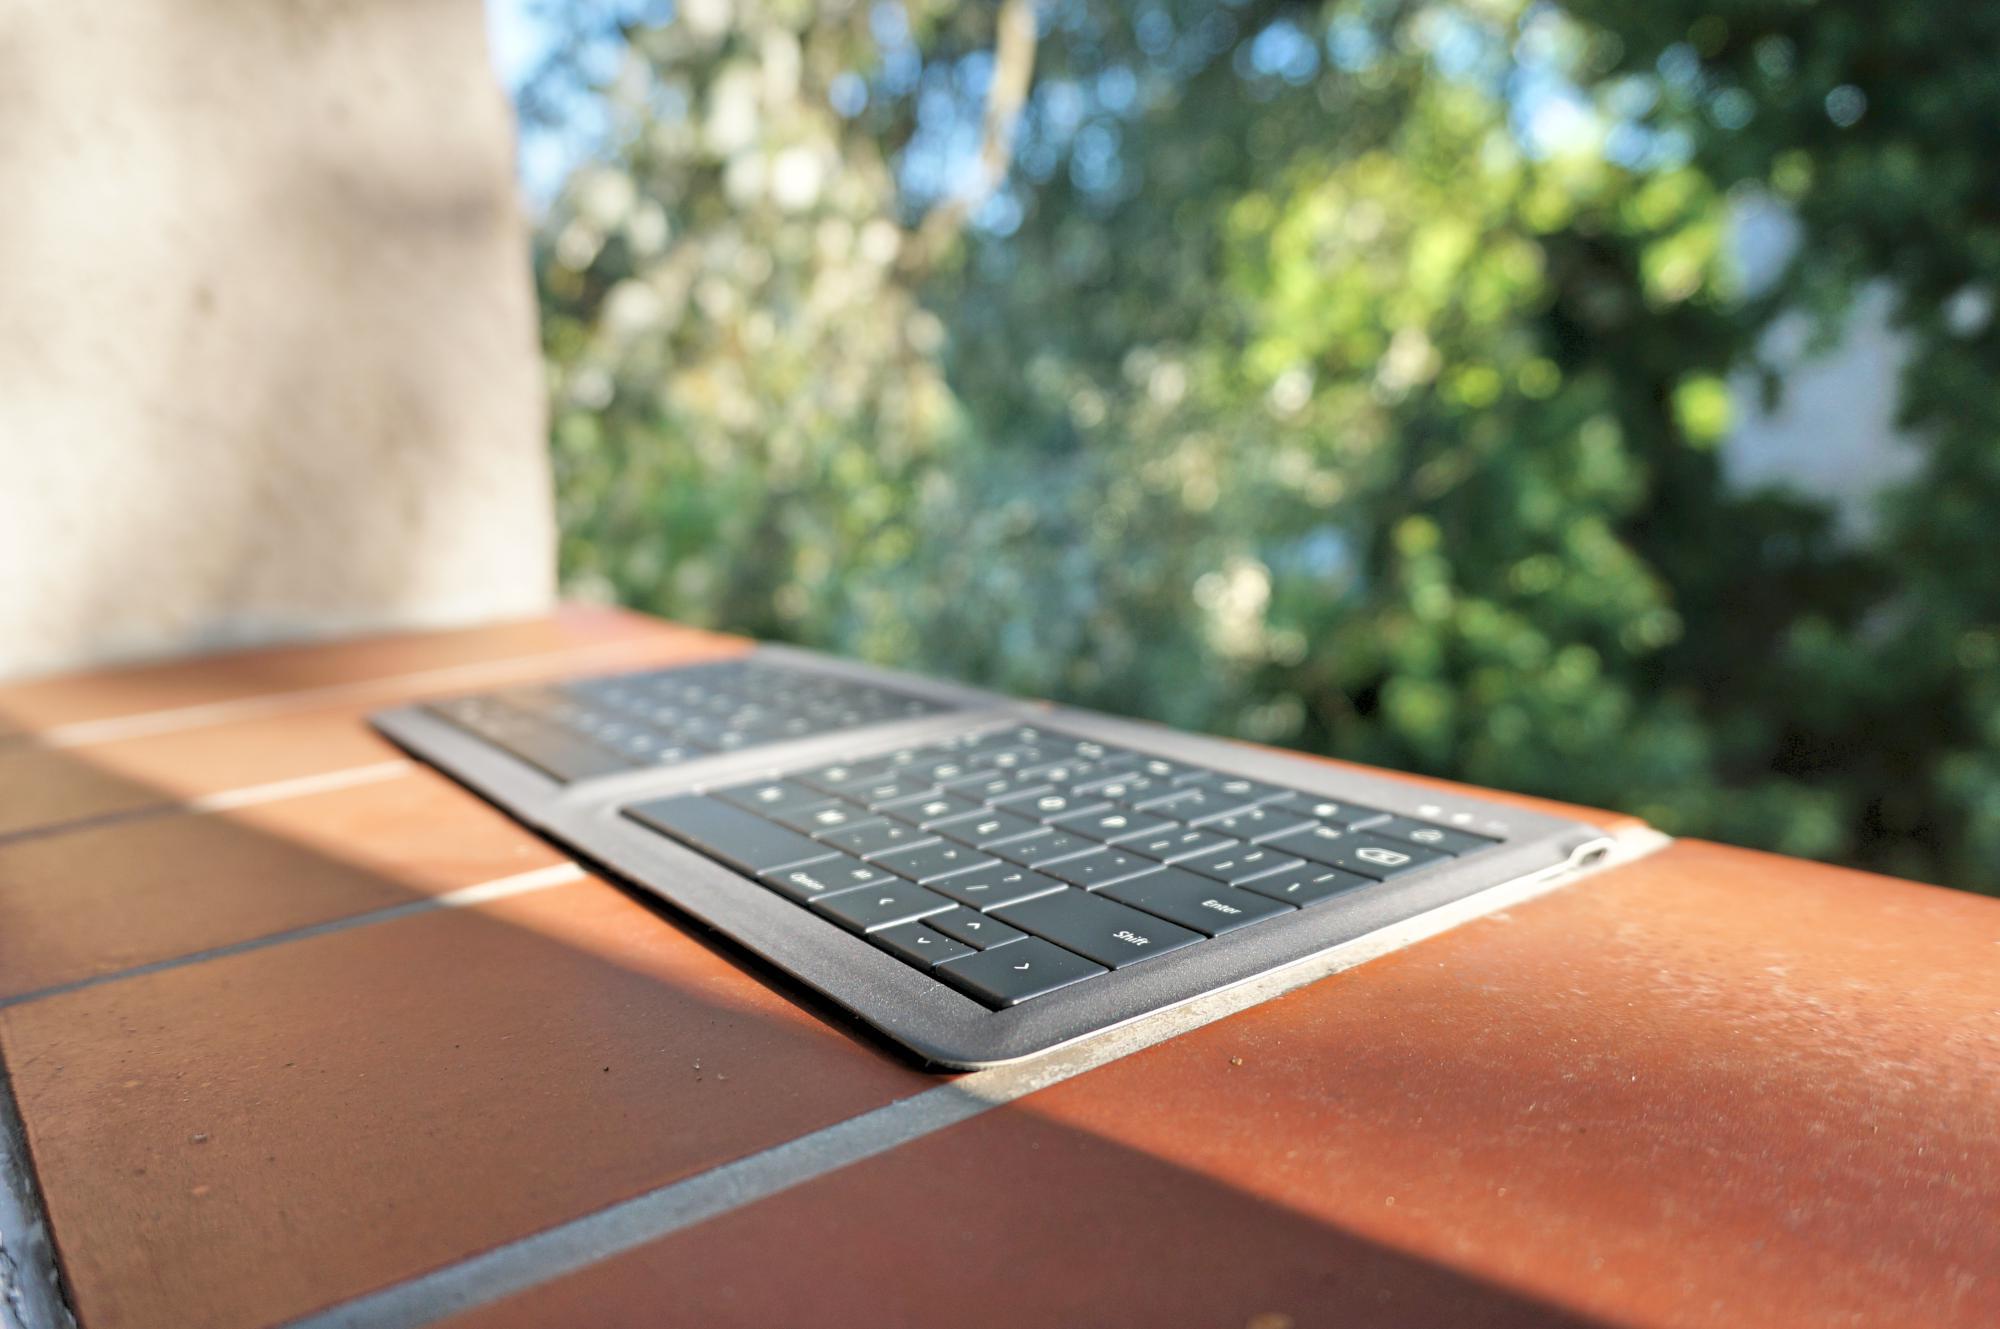 universal-foldable-keyboard-microsoft-3